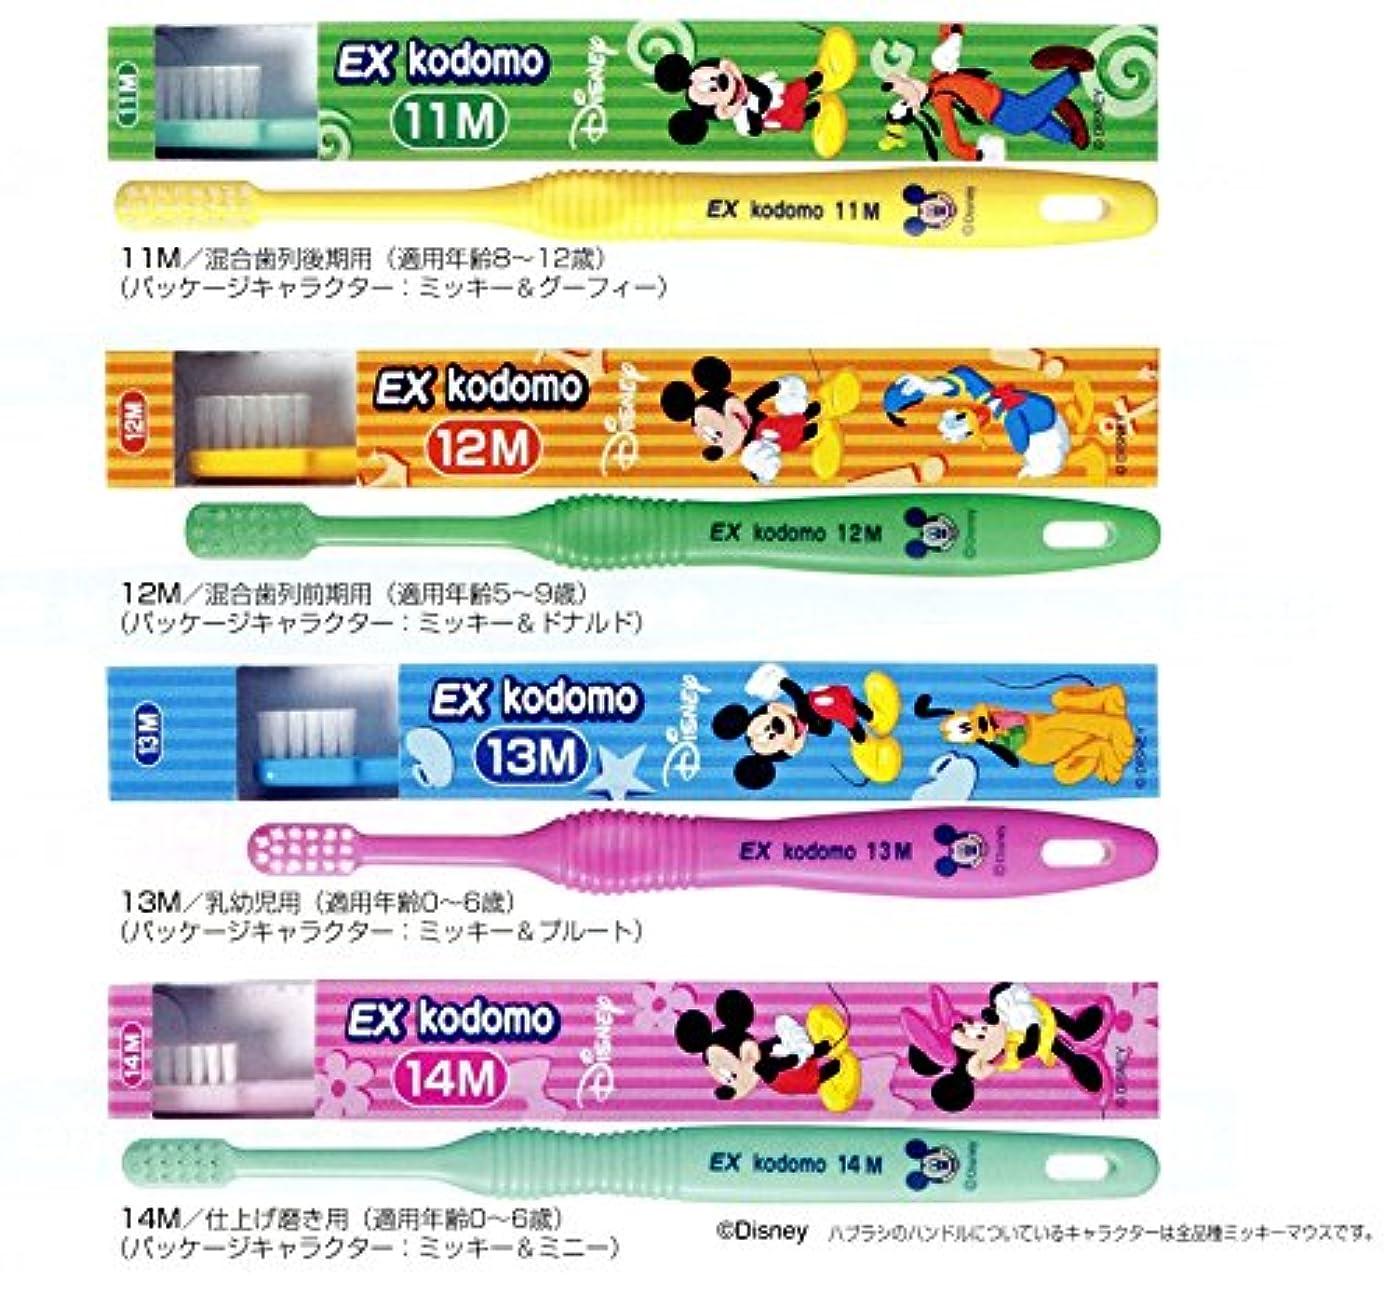 ベンチャー雨の国家ライオン コドモ ディズニー DENT.EX kodomo Disney 1本 11M ブルー (8?12歳)